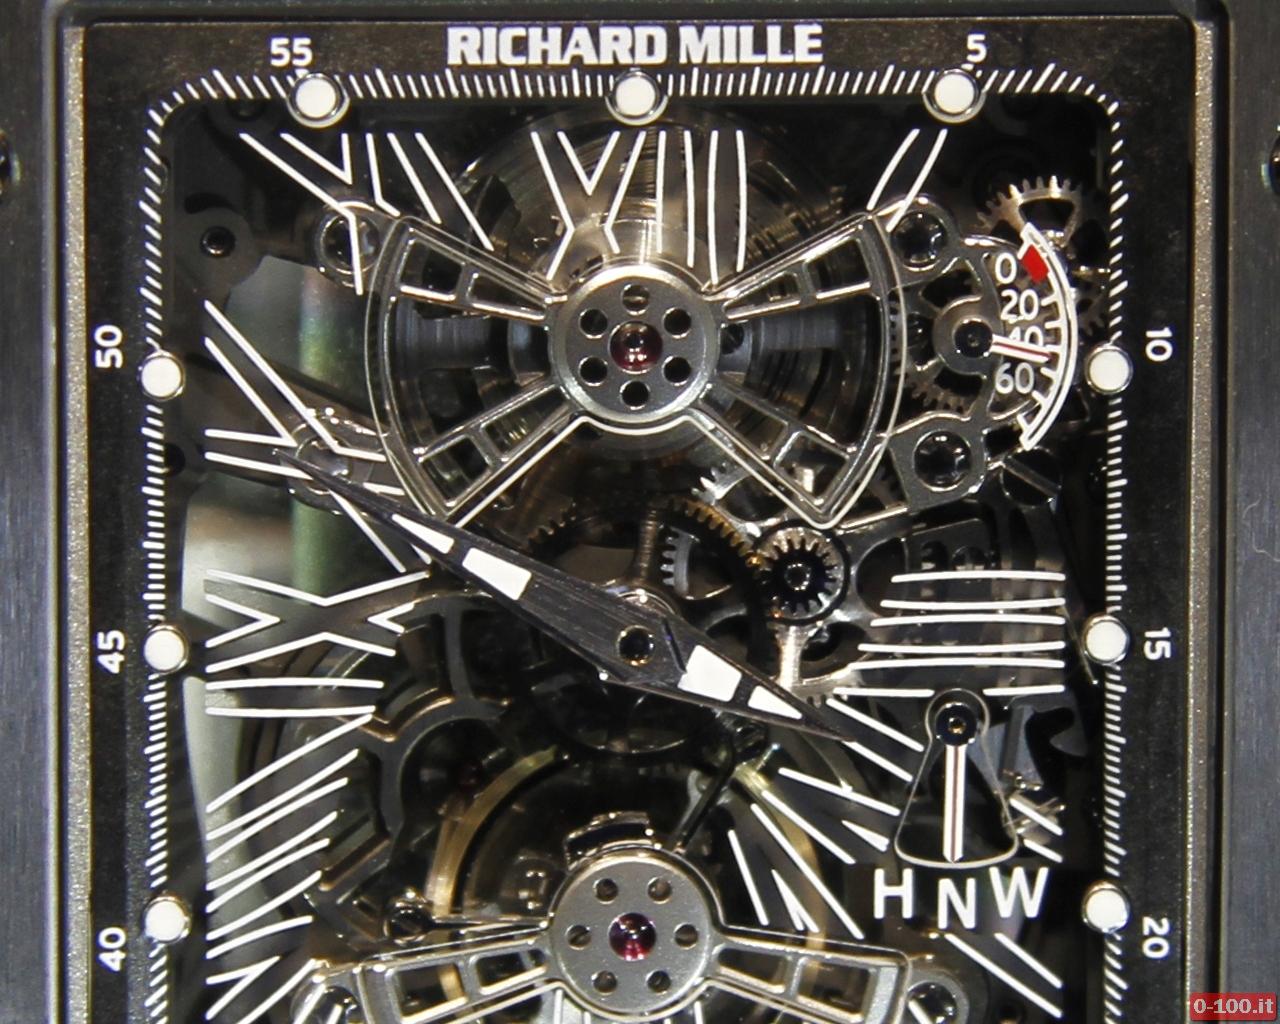 richard-mille_0-100_36